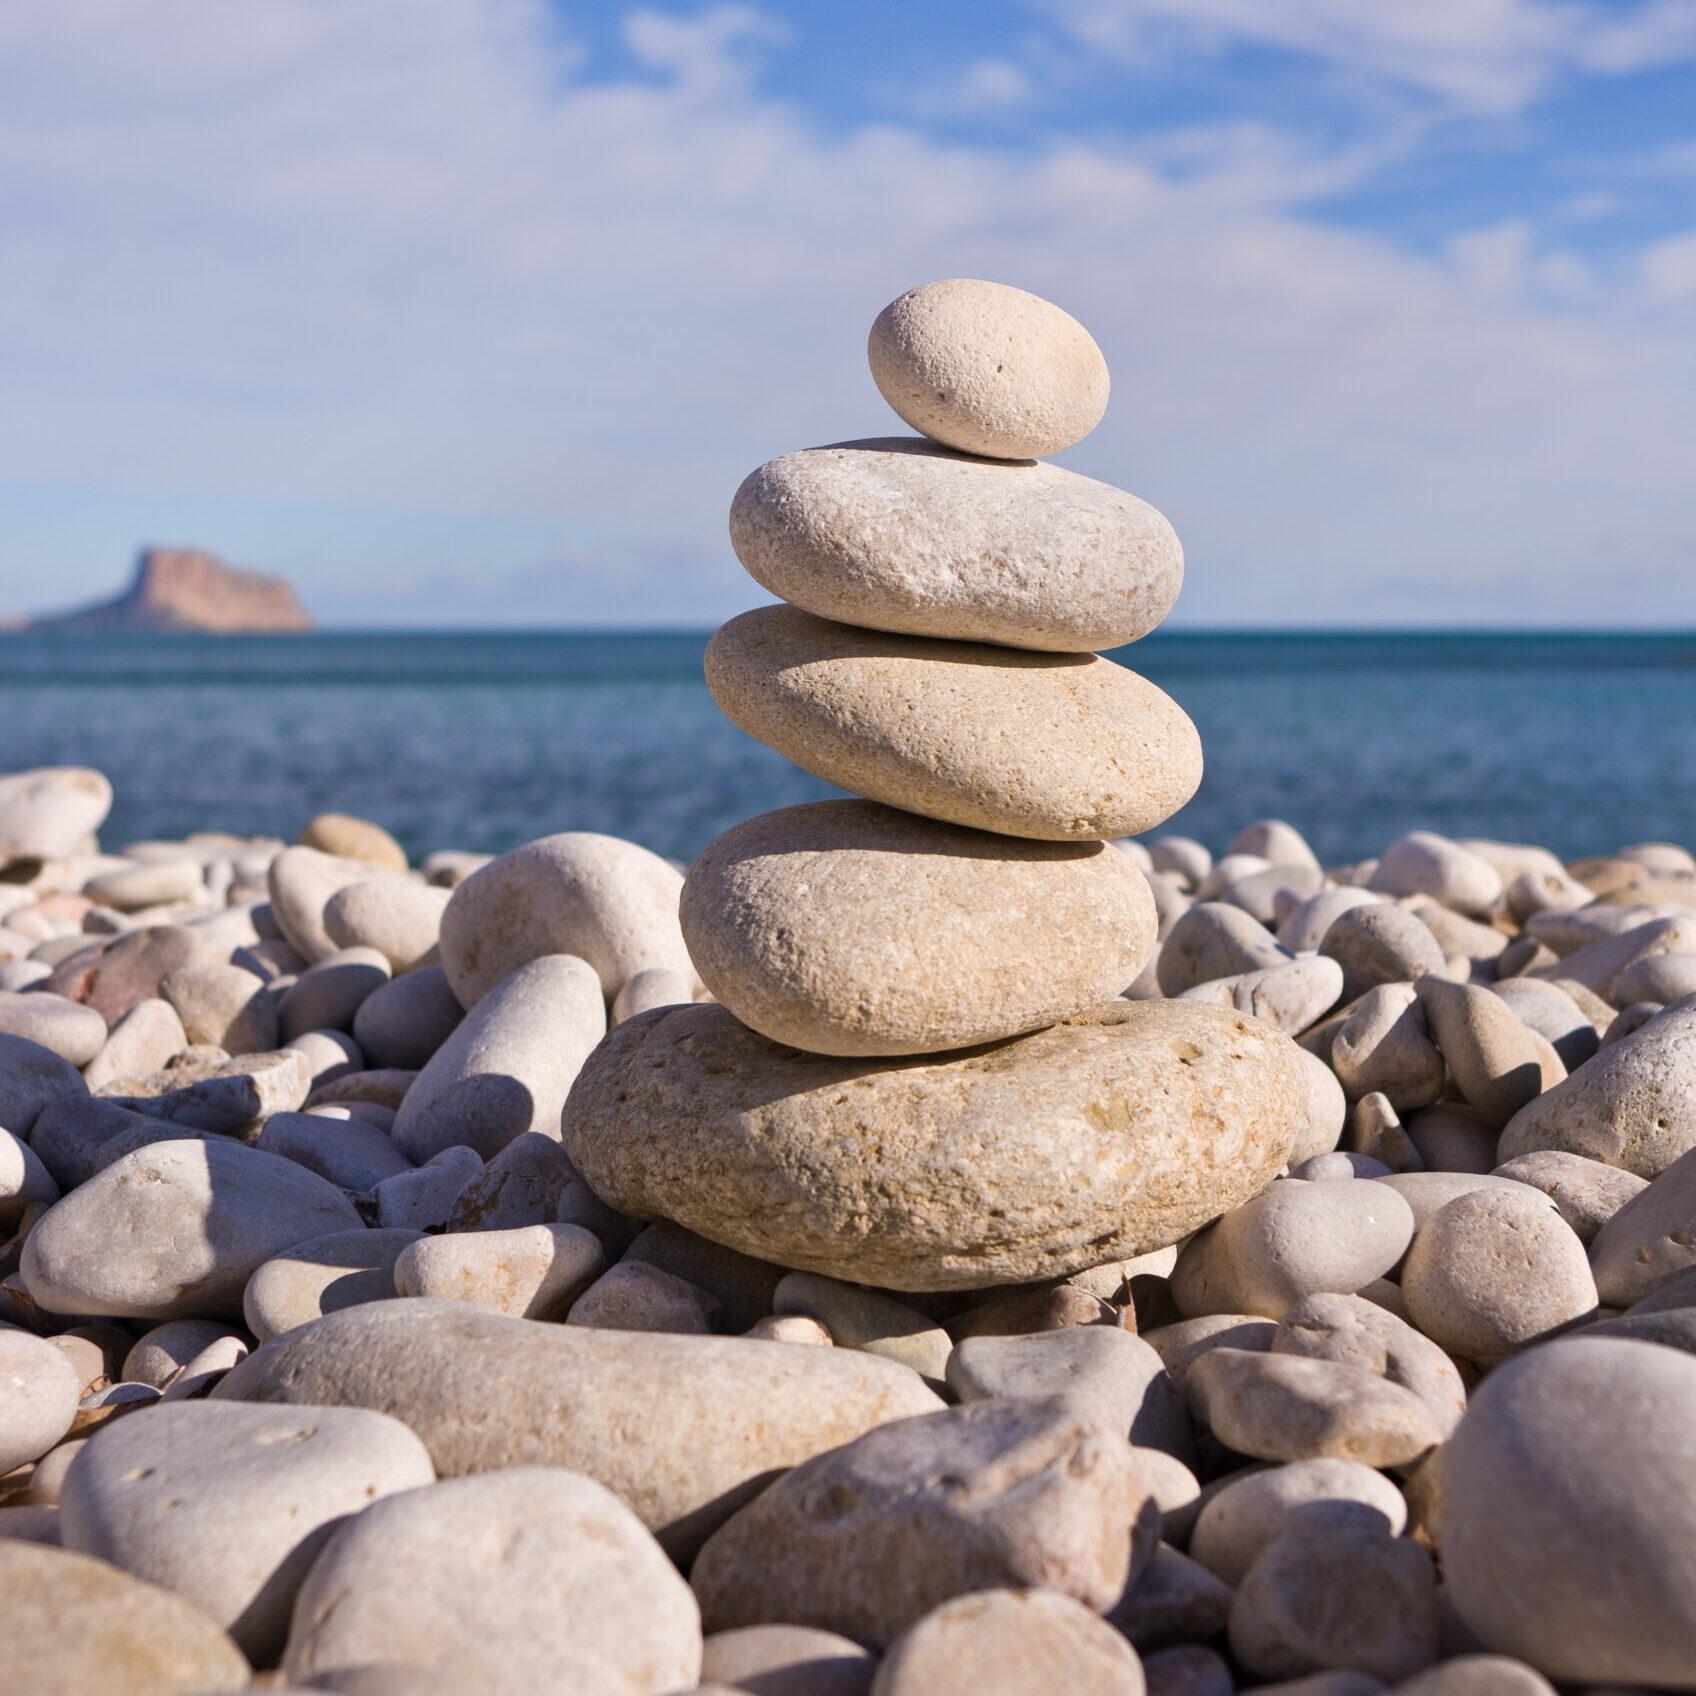 am Strand voller Steine steht ein Turm mit 5 aufeinandergeschlichtete Steinen im Vordergrund, Hintergrund das Meer und blauer Himmel